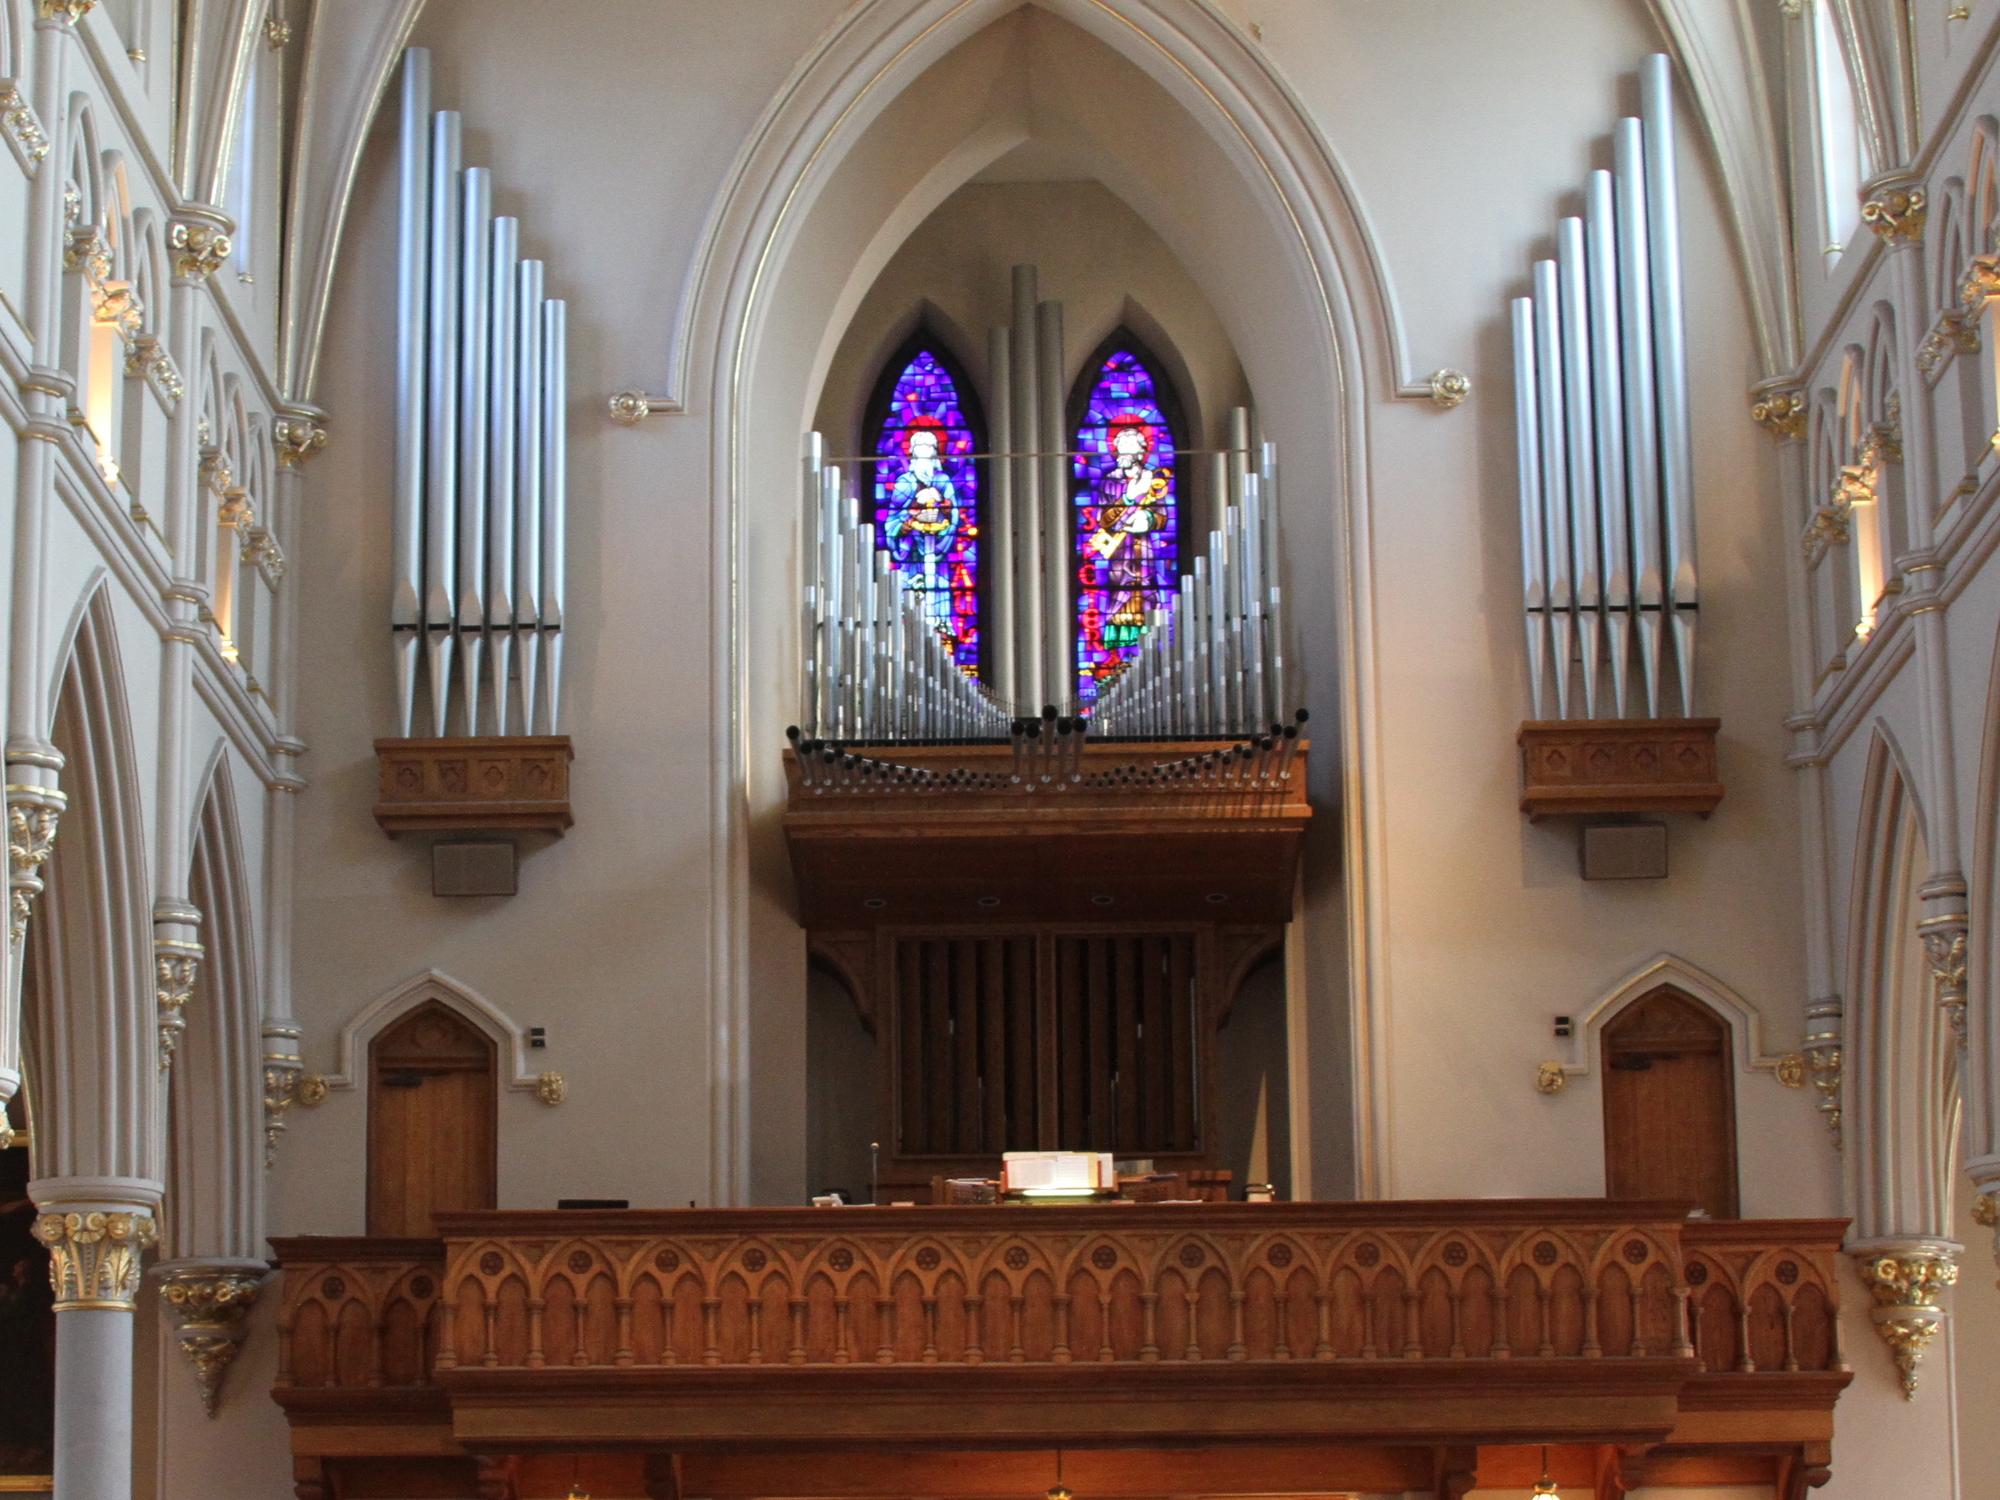 casavant organ